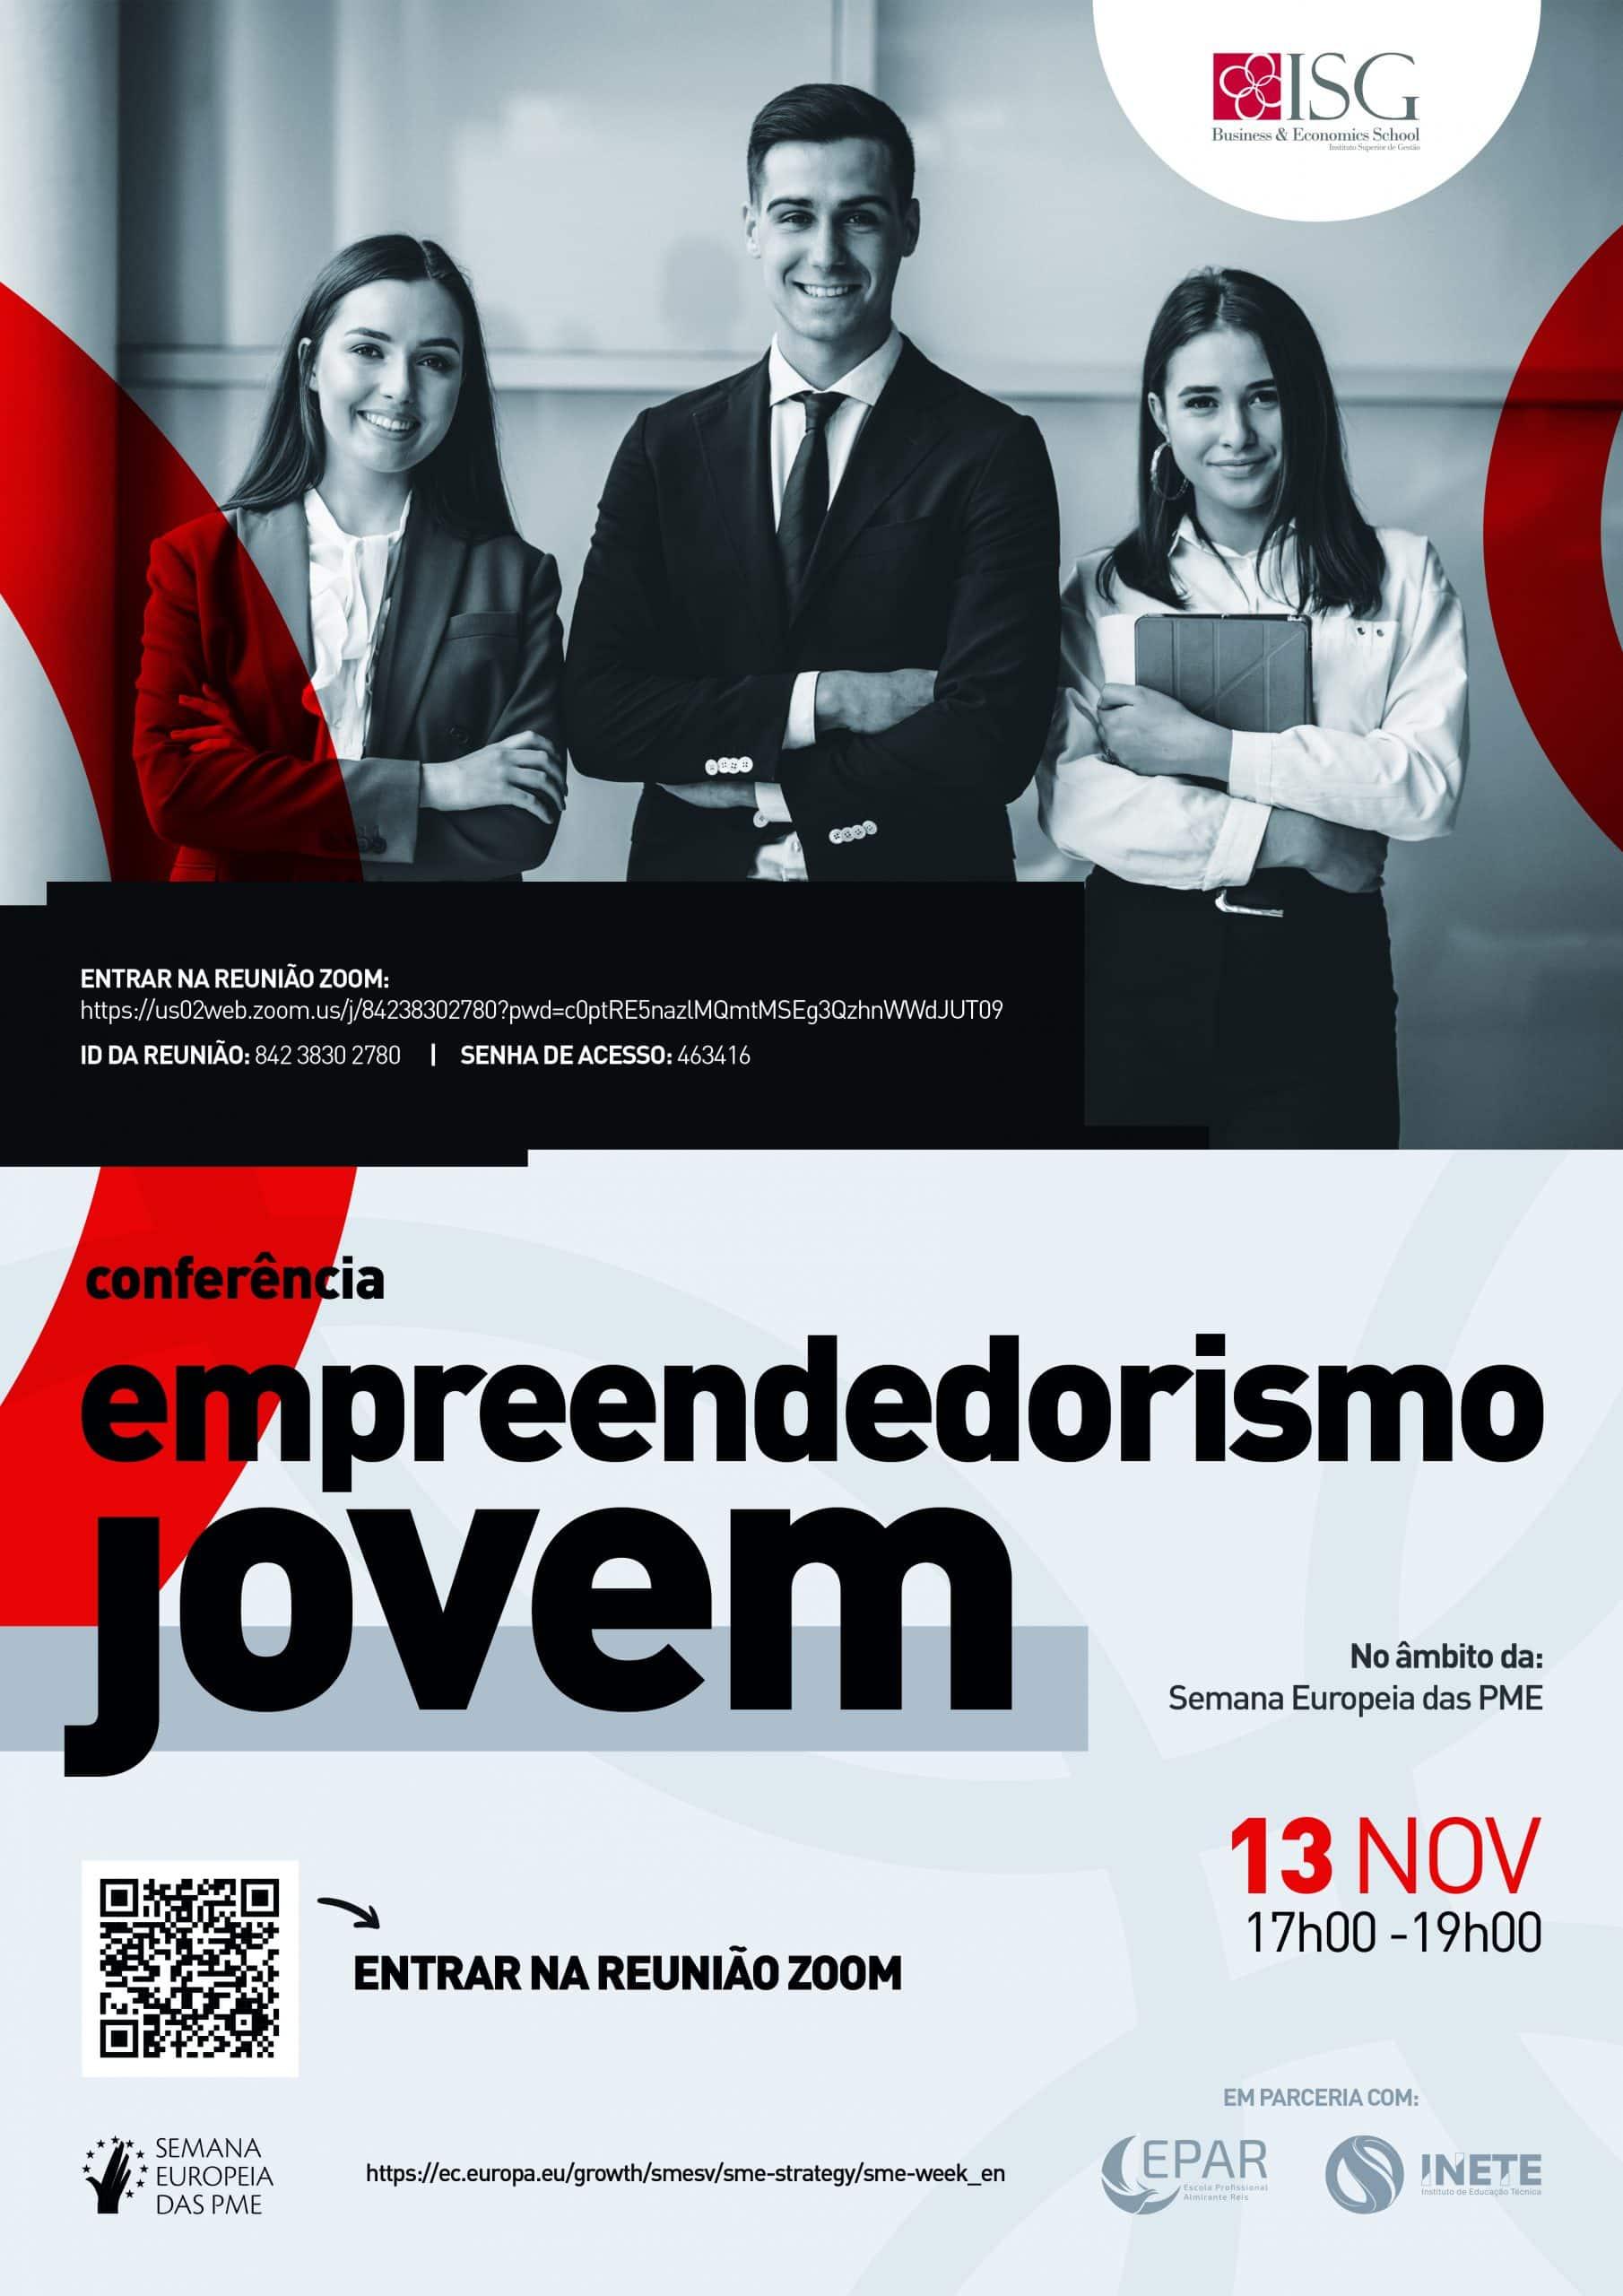 Conferência no ISG, Empreendedorismo Jovem